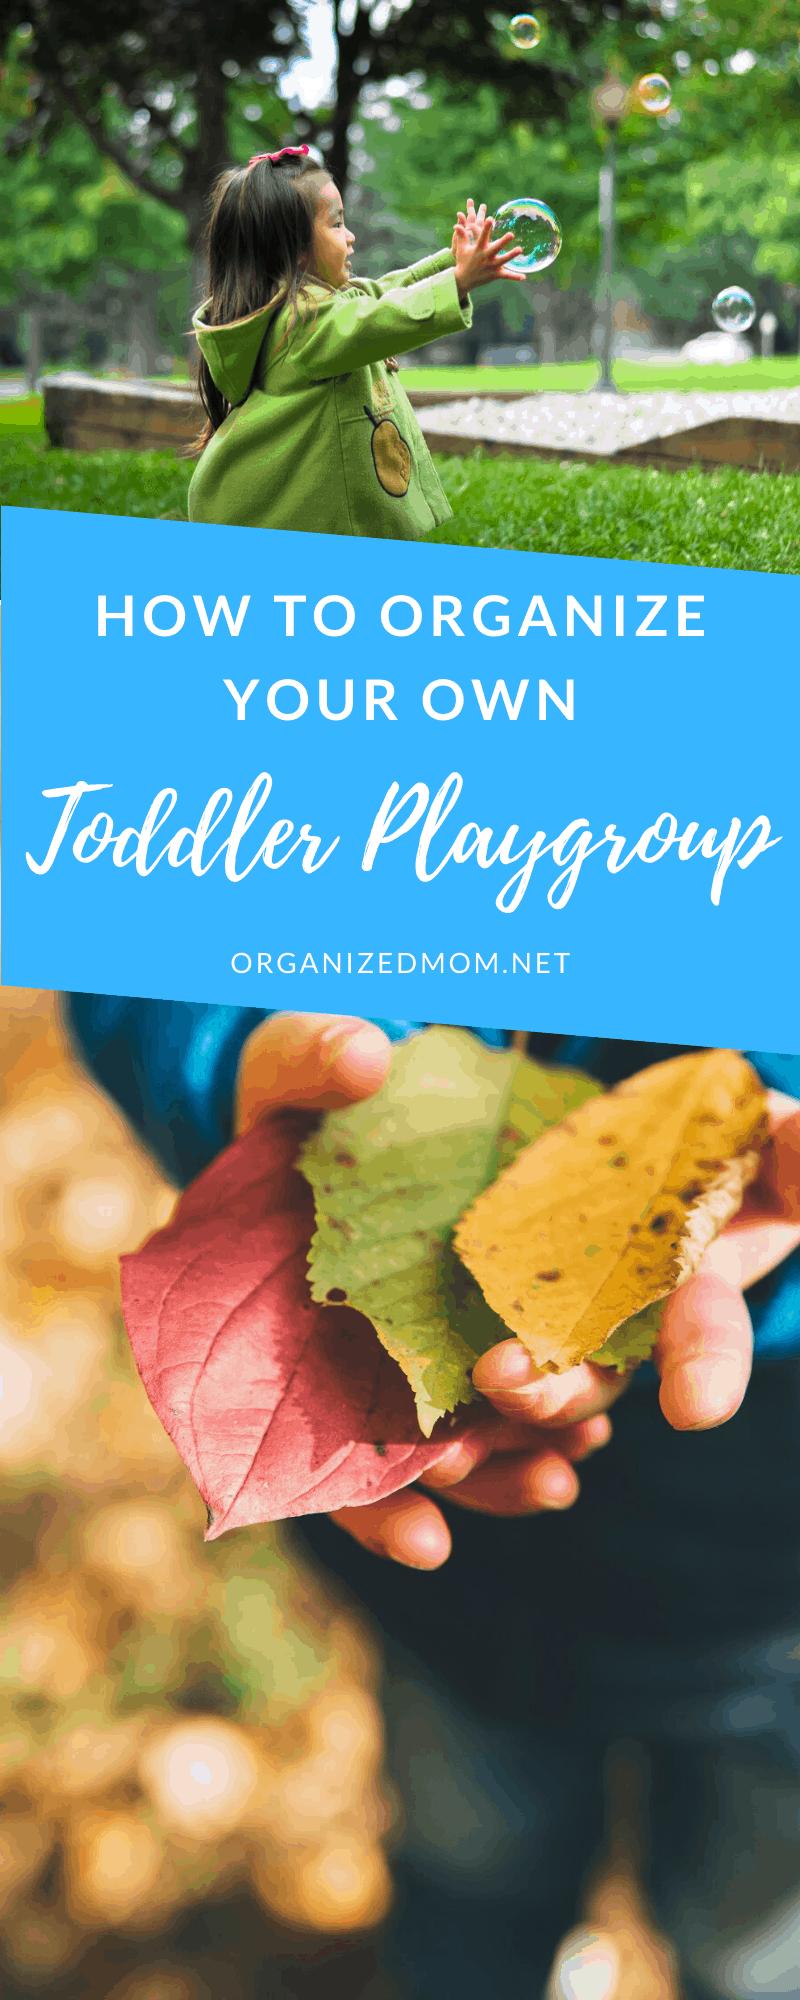 Toddler Playgroup